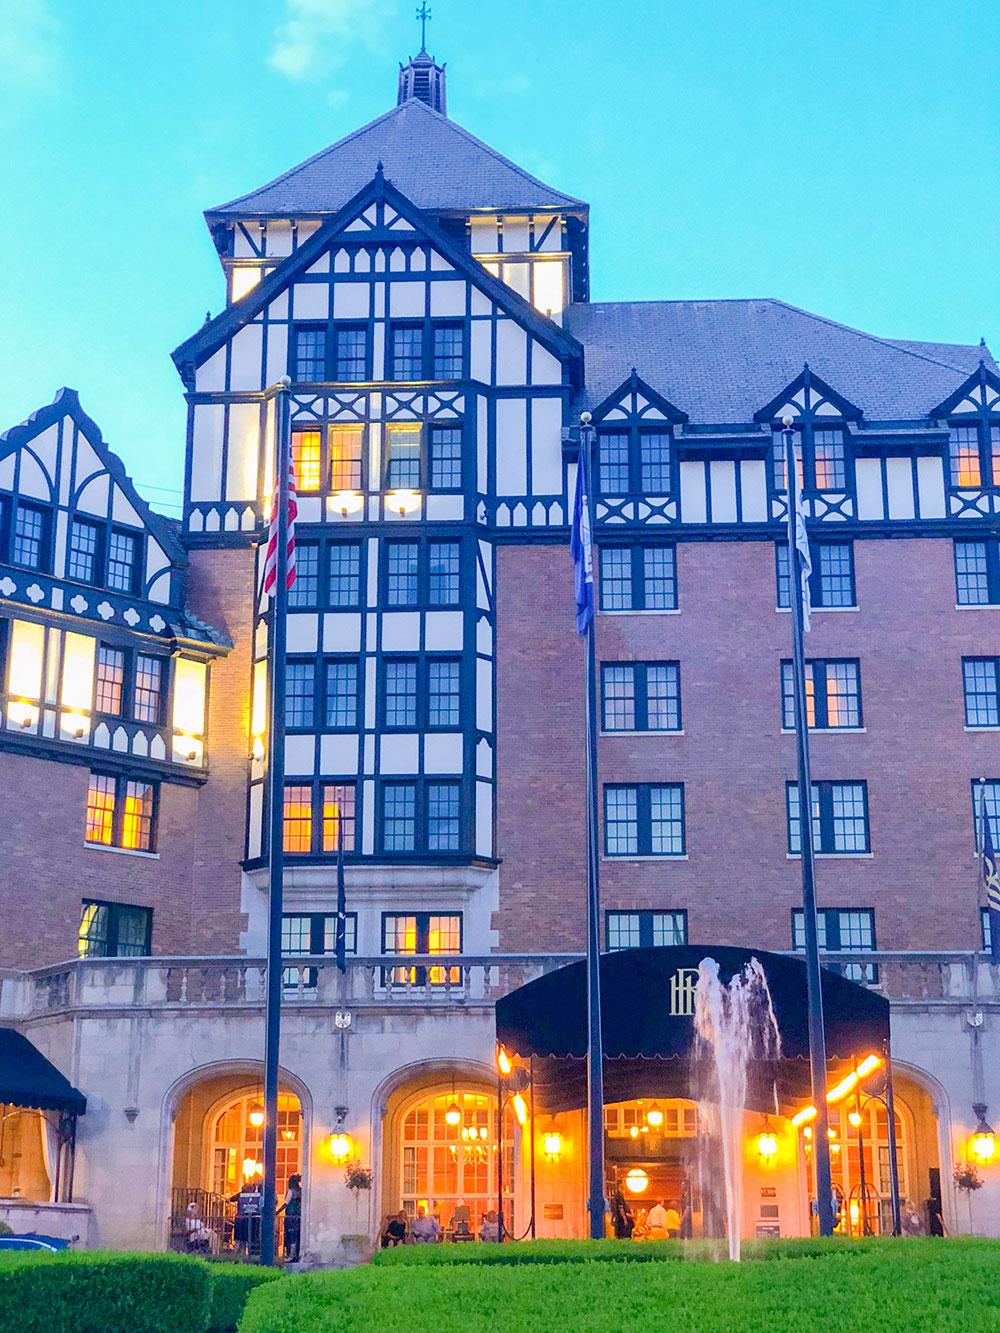 shaunda necole at virginia's hotel roanoke